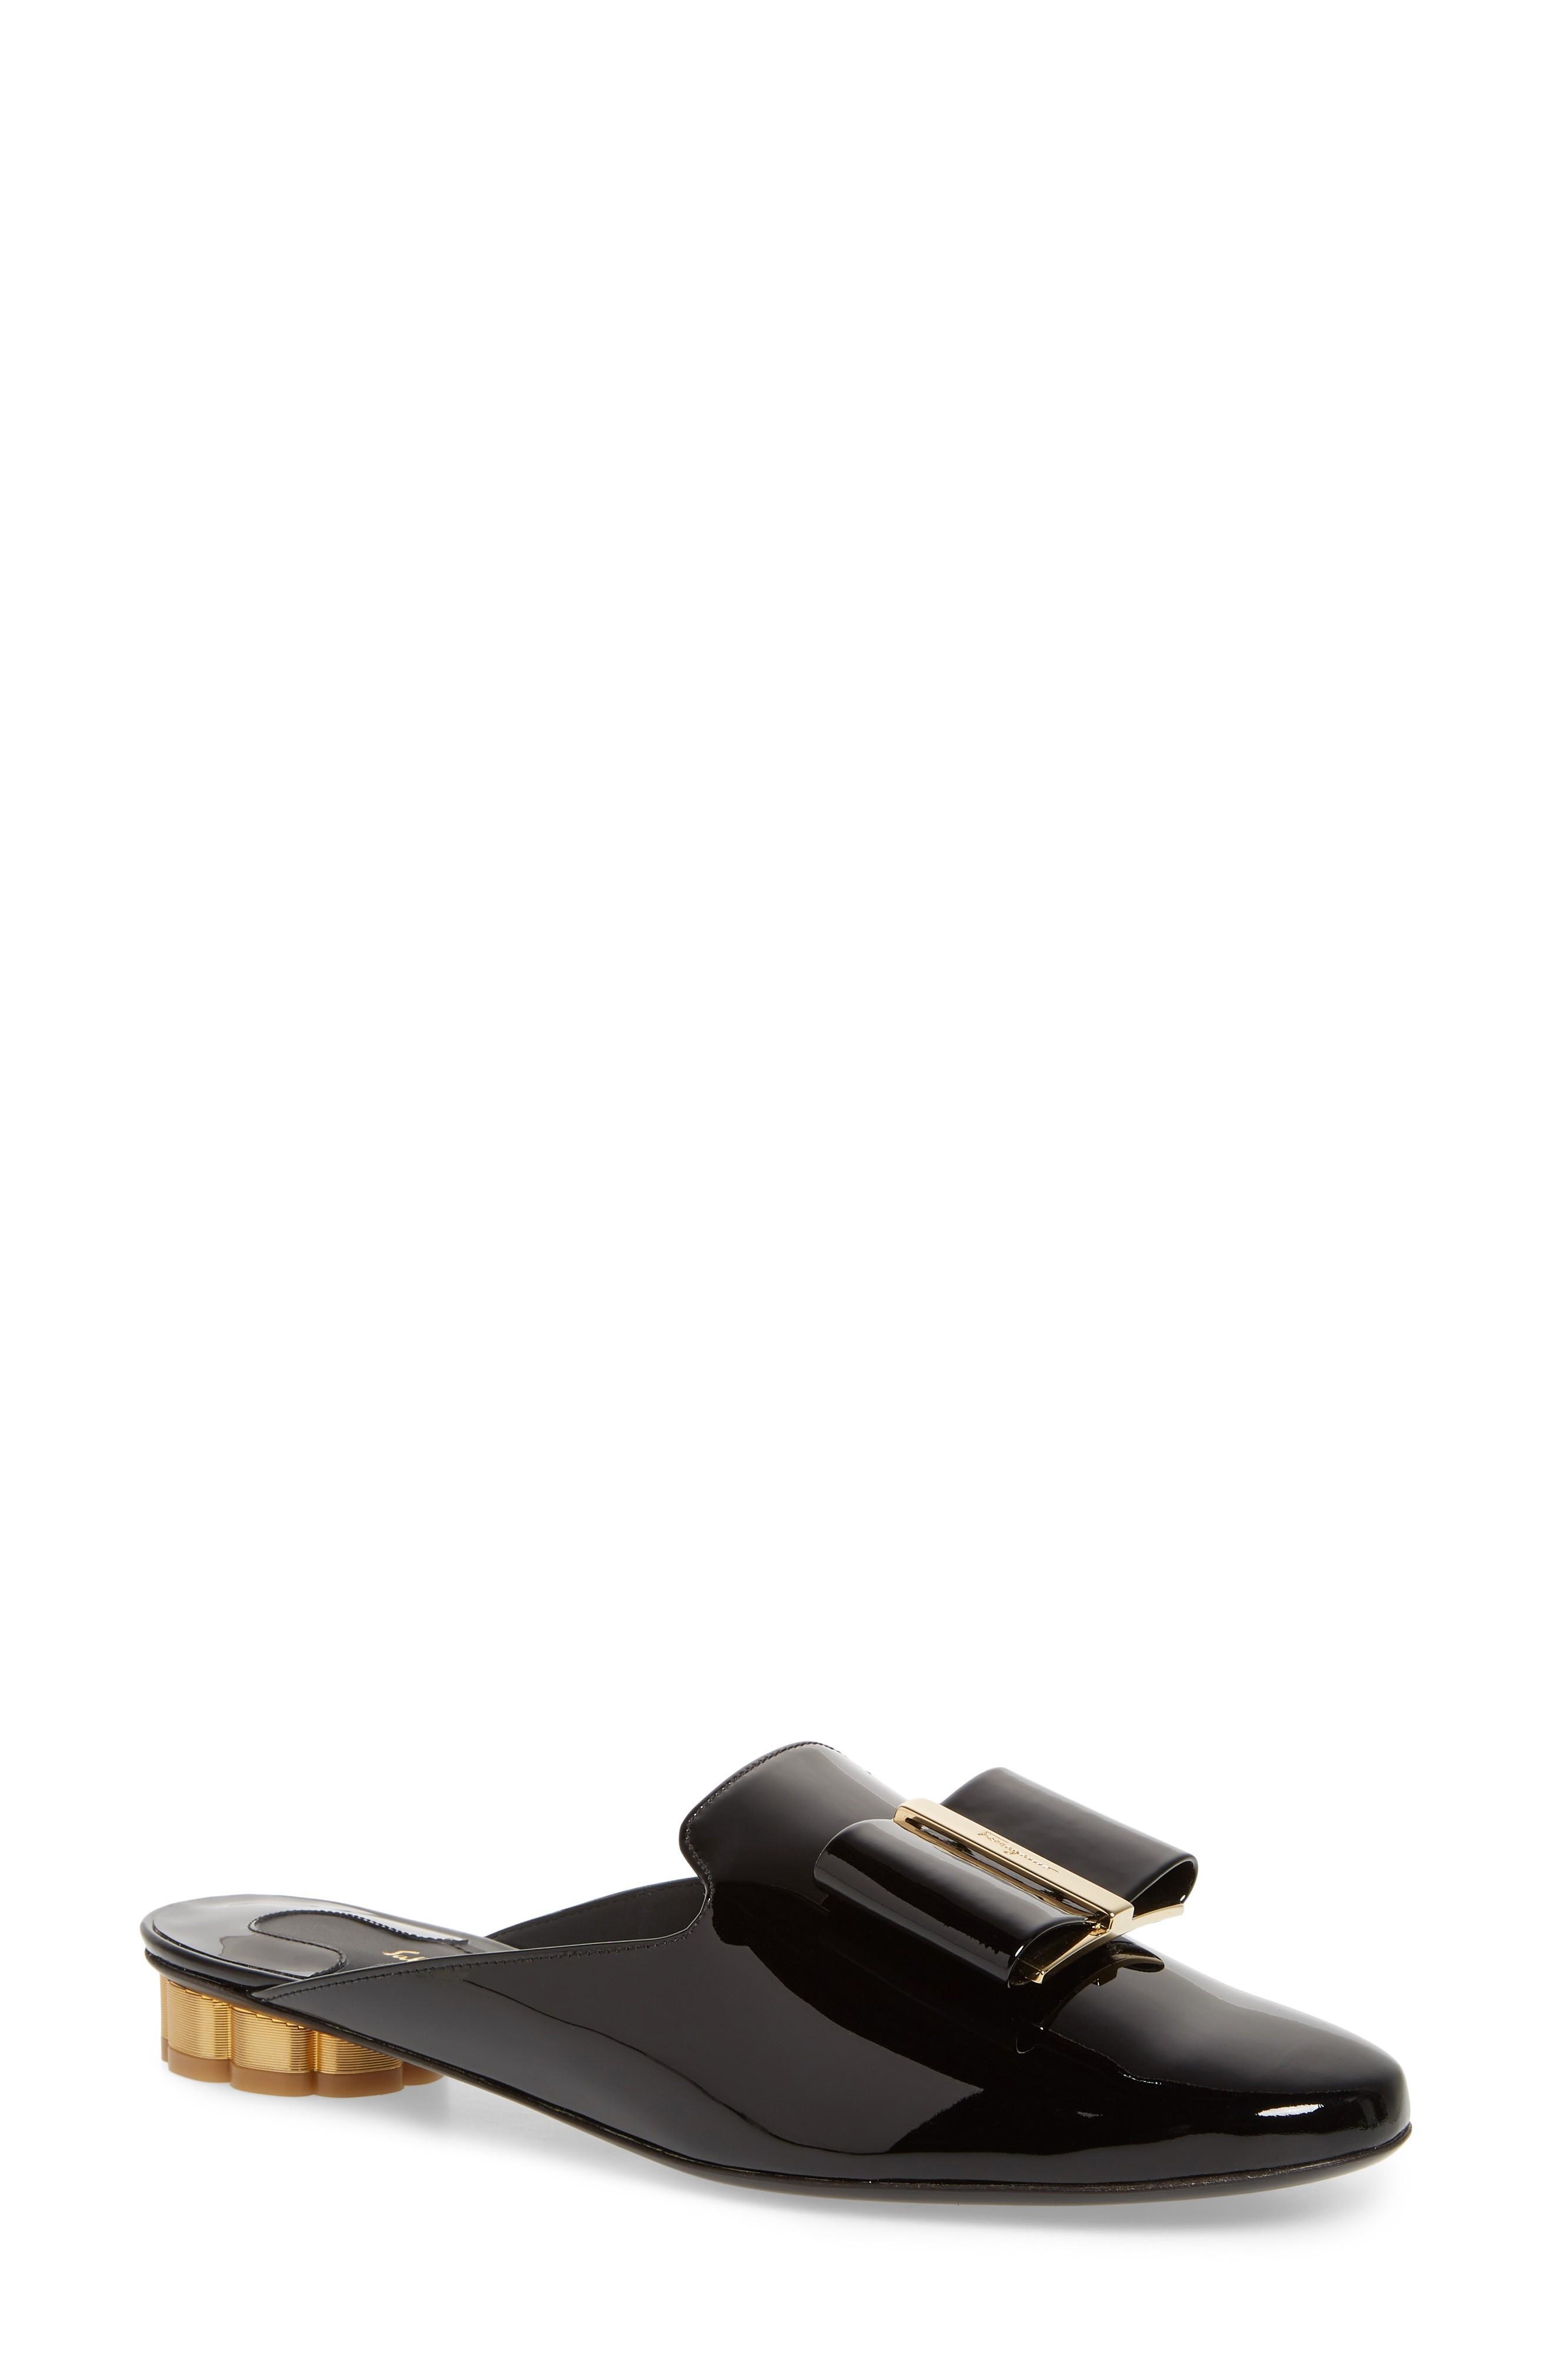 Salvatore Ferragamo Black Sciacca Sliders In Leather